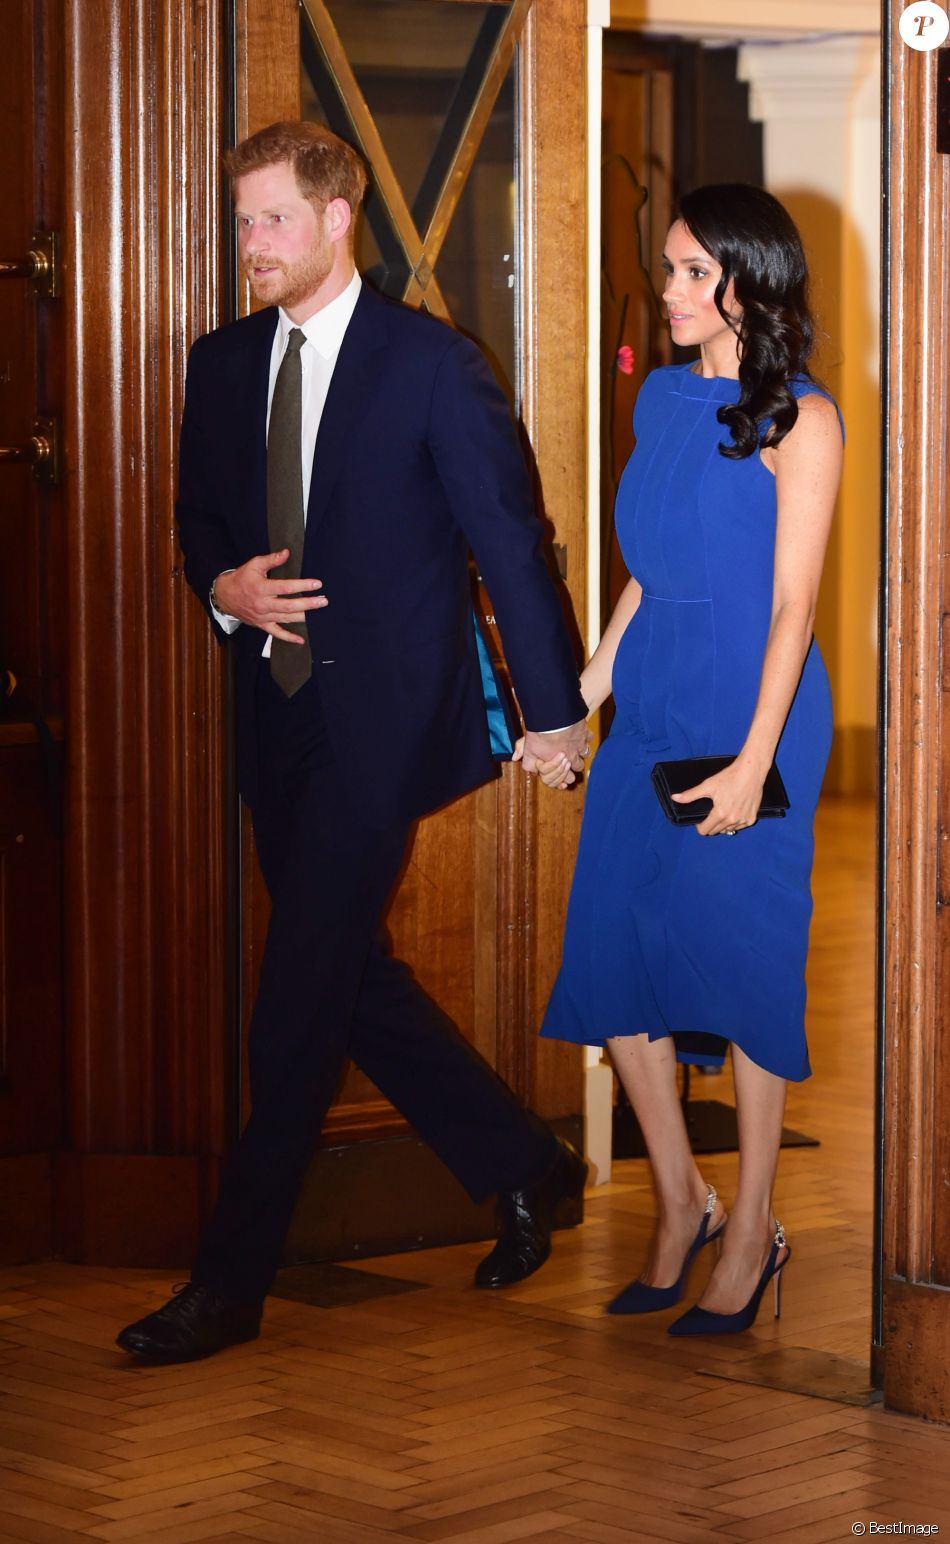 Le prince Harry et Meghan Markle (robe Jason Wu), duc et duchesse de Sussex, à leur arrivée pour le gala de charité The Royal Armouries' 100 Days to Peace au Central Hall Westminster à Londres le 6 septembre 2018, une soirée musicale commémorant le centenaire des cent derniers jours de la Première Guerre mondiale.